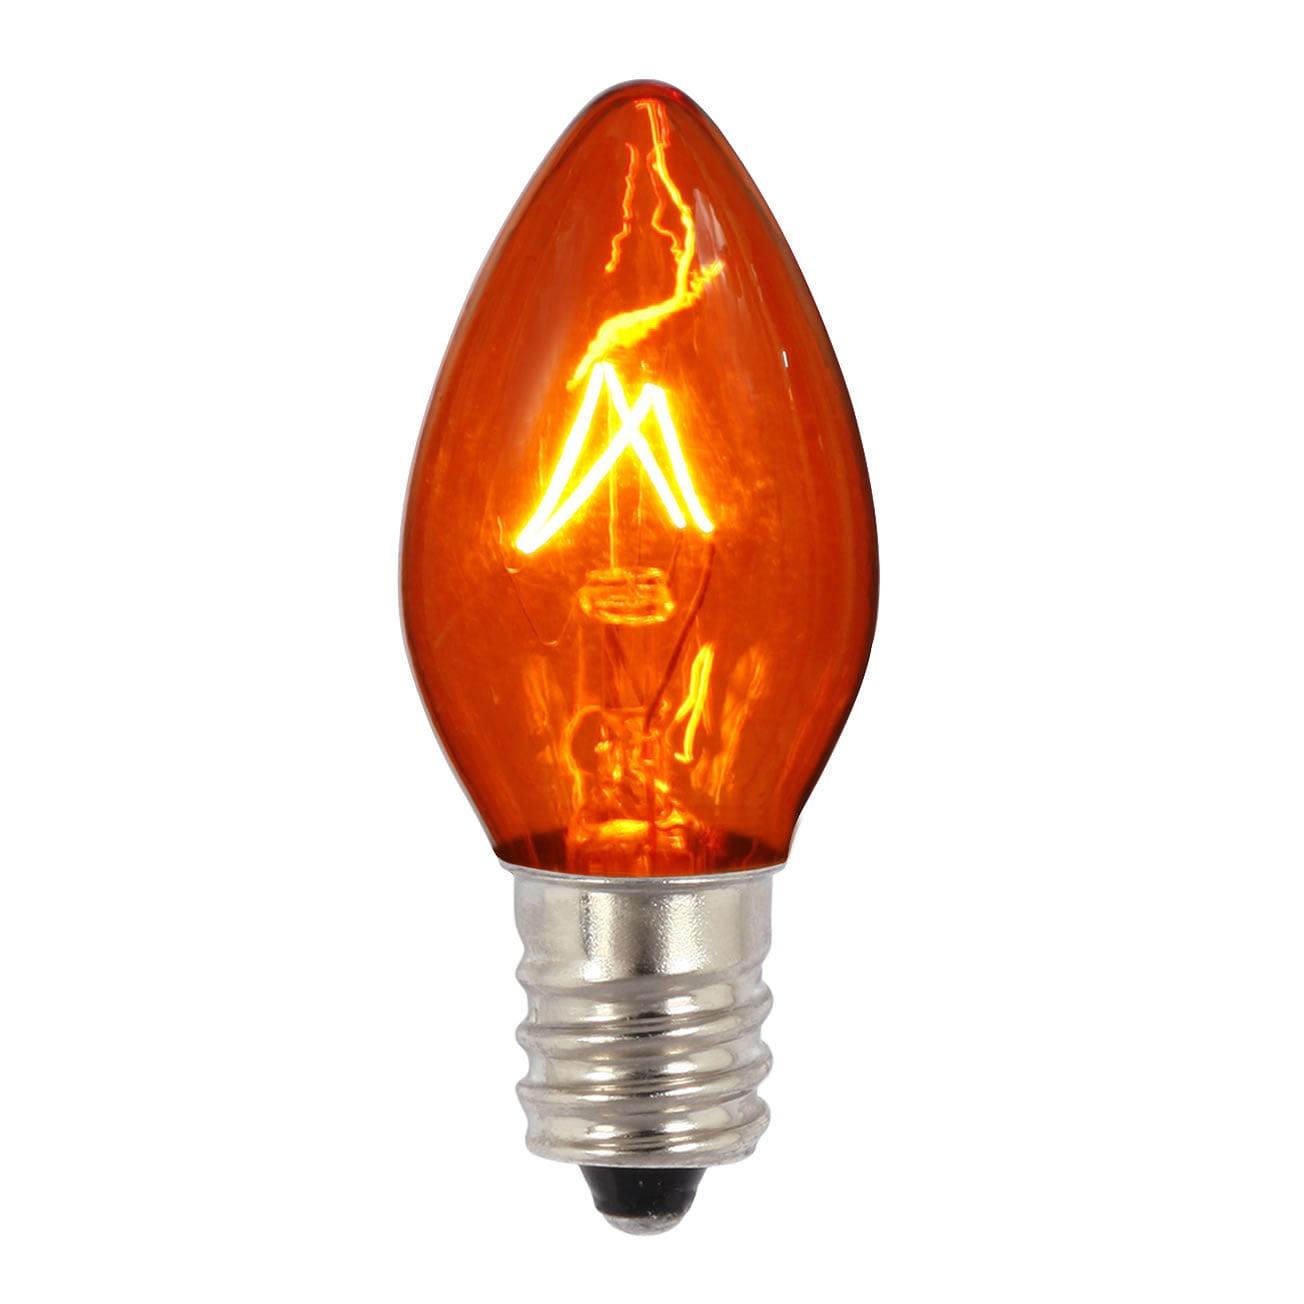 Vickerman C7 Transparent Amber 130V 5W Bulb